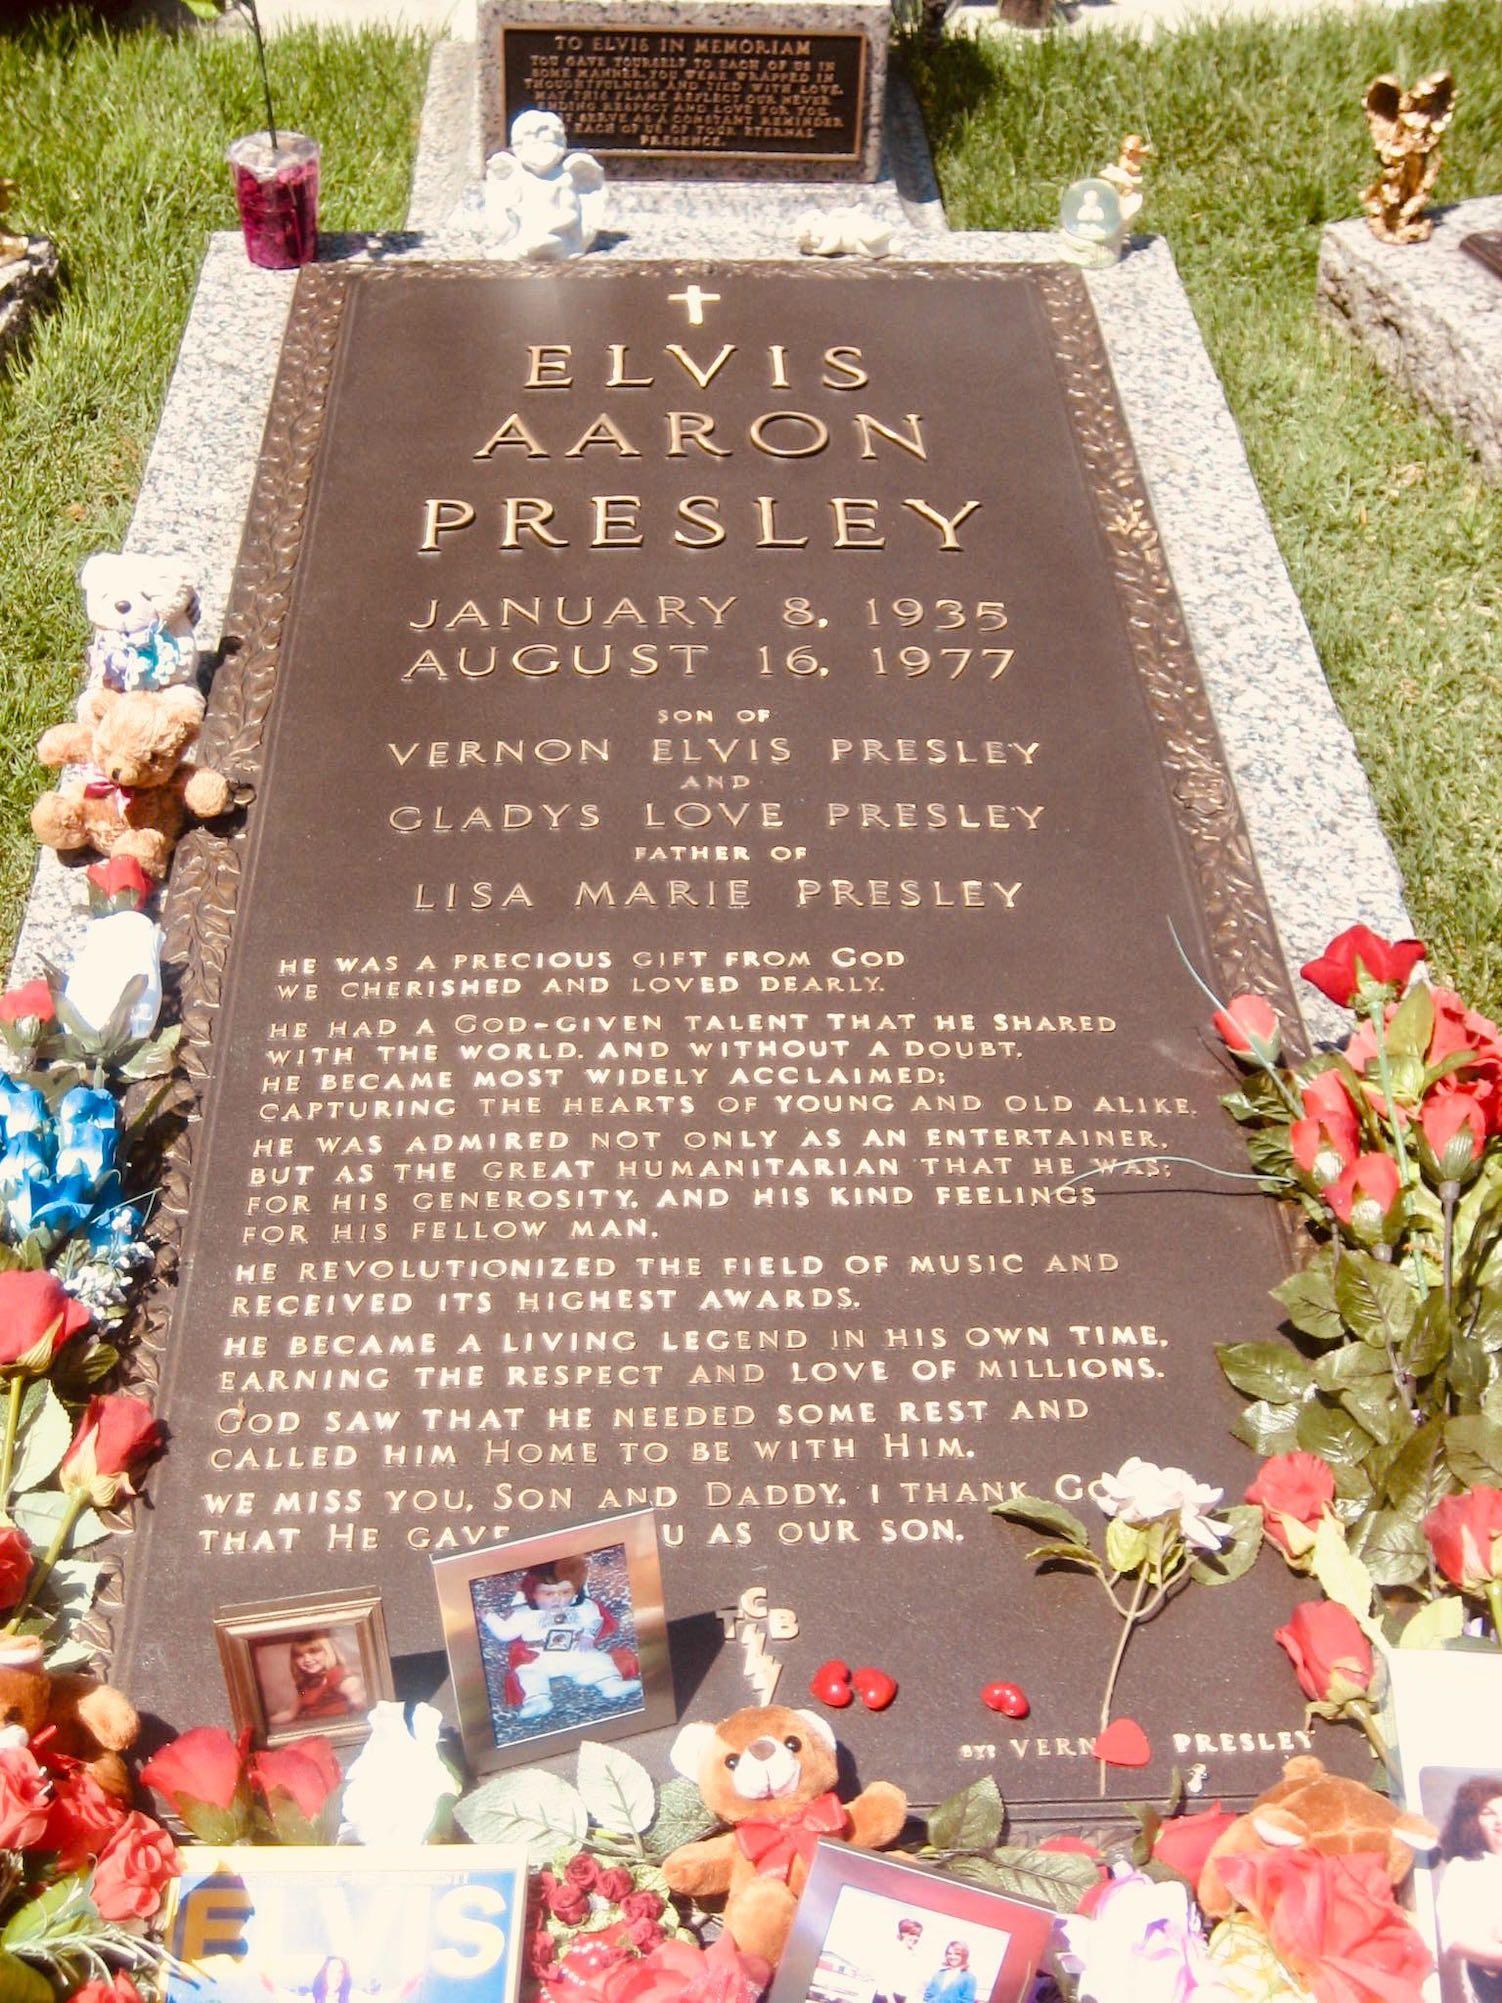 Elvis Presley's grave at Graceland Memphis